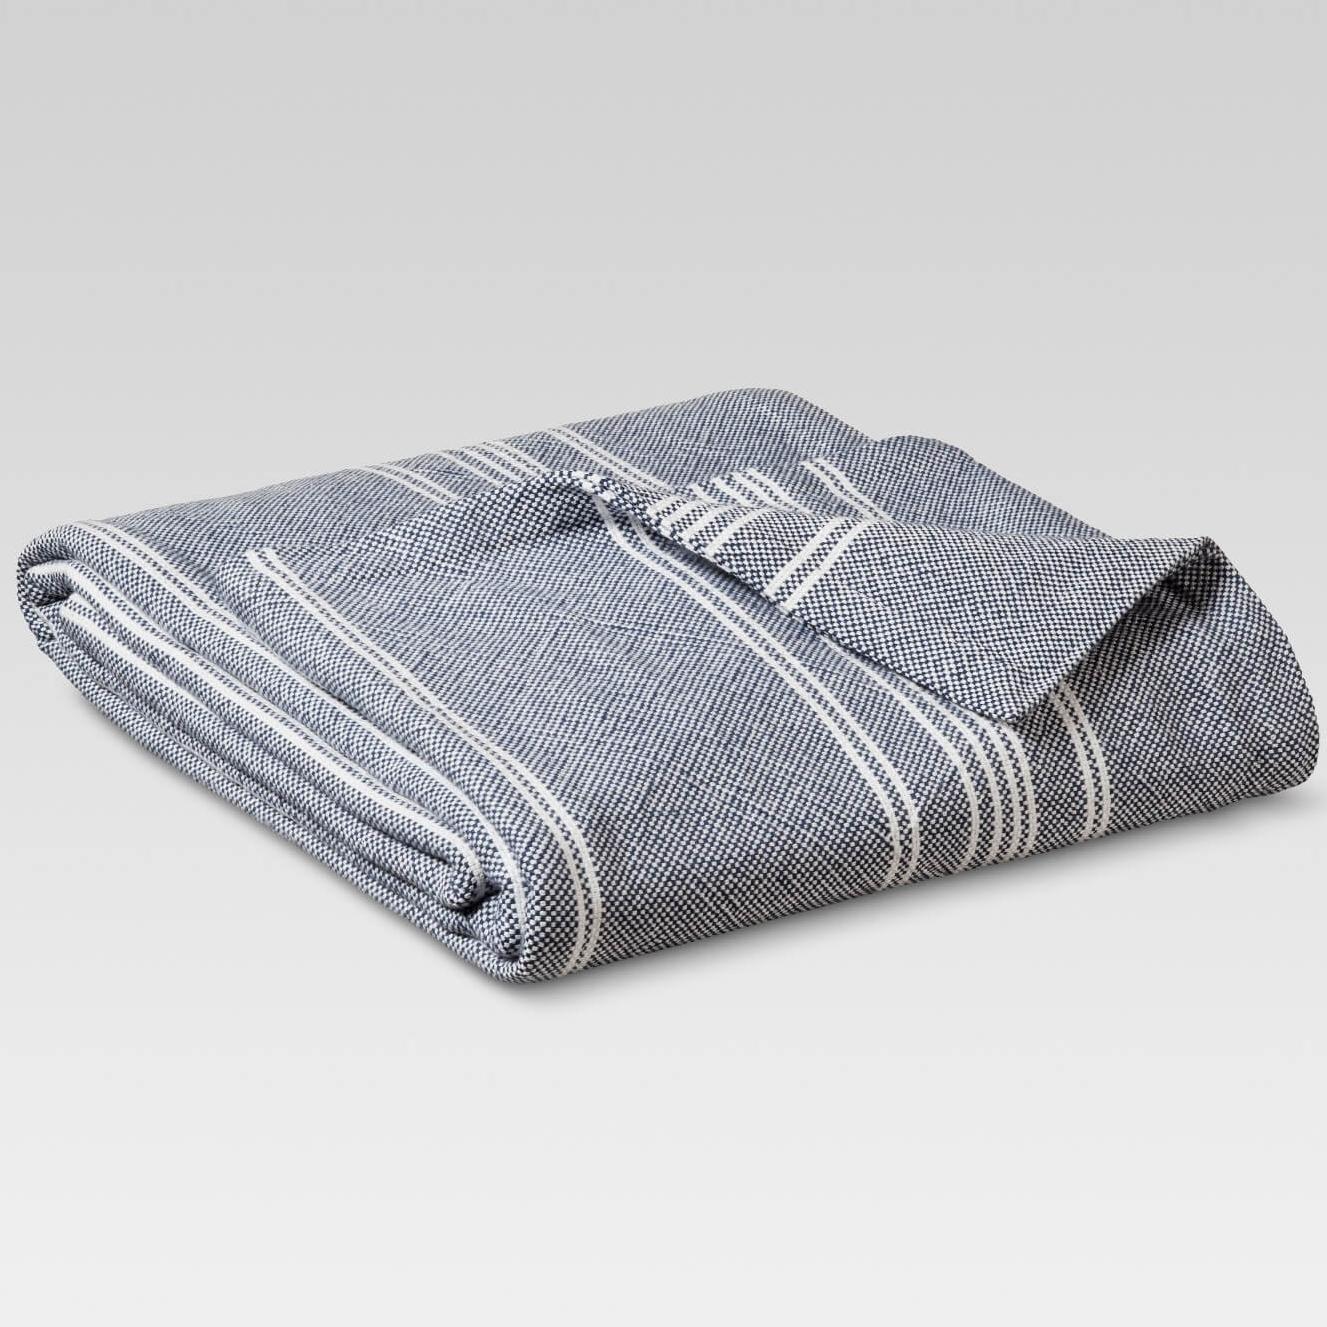 Target Threshold Yarn Dye Stripe Ringspun Cotton Blanket